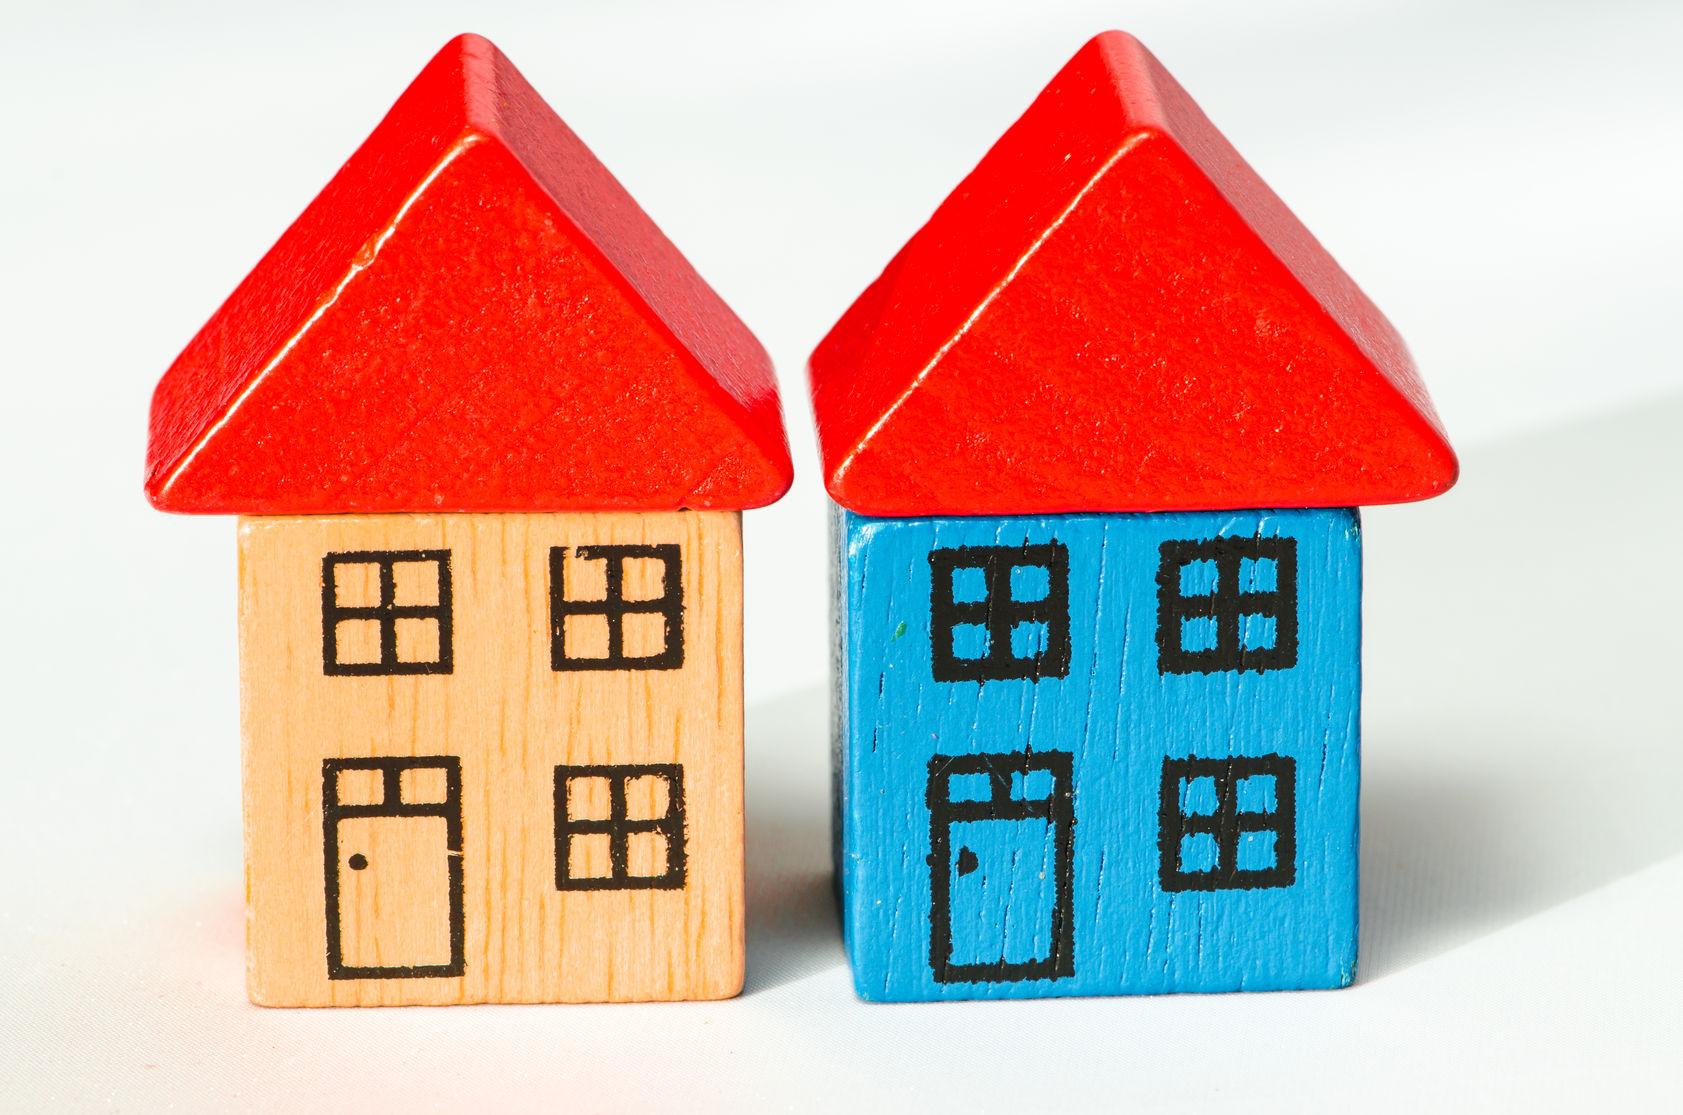 2 blokken huizen naast elkaar. Linker is geel, rechter is blauw. Bron afbeelding: https://www.despreekstoel.be/wonen-je-ouders-dicht-bij-elkaar/